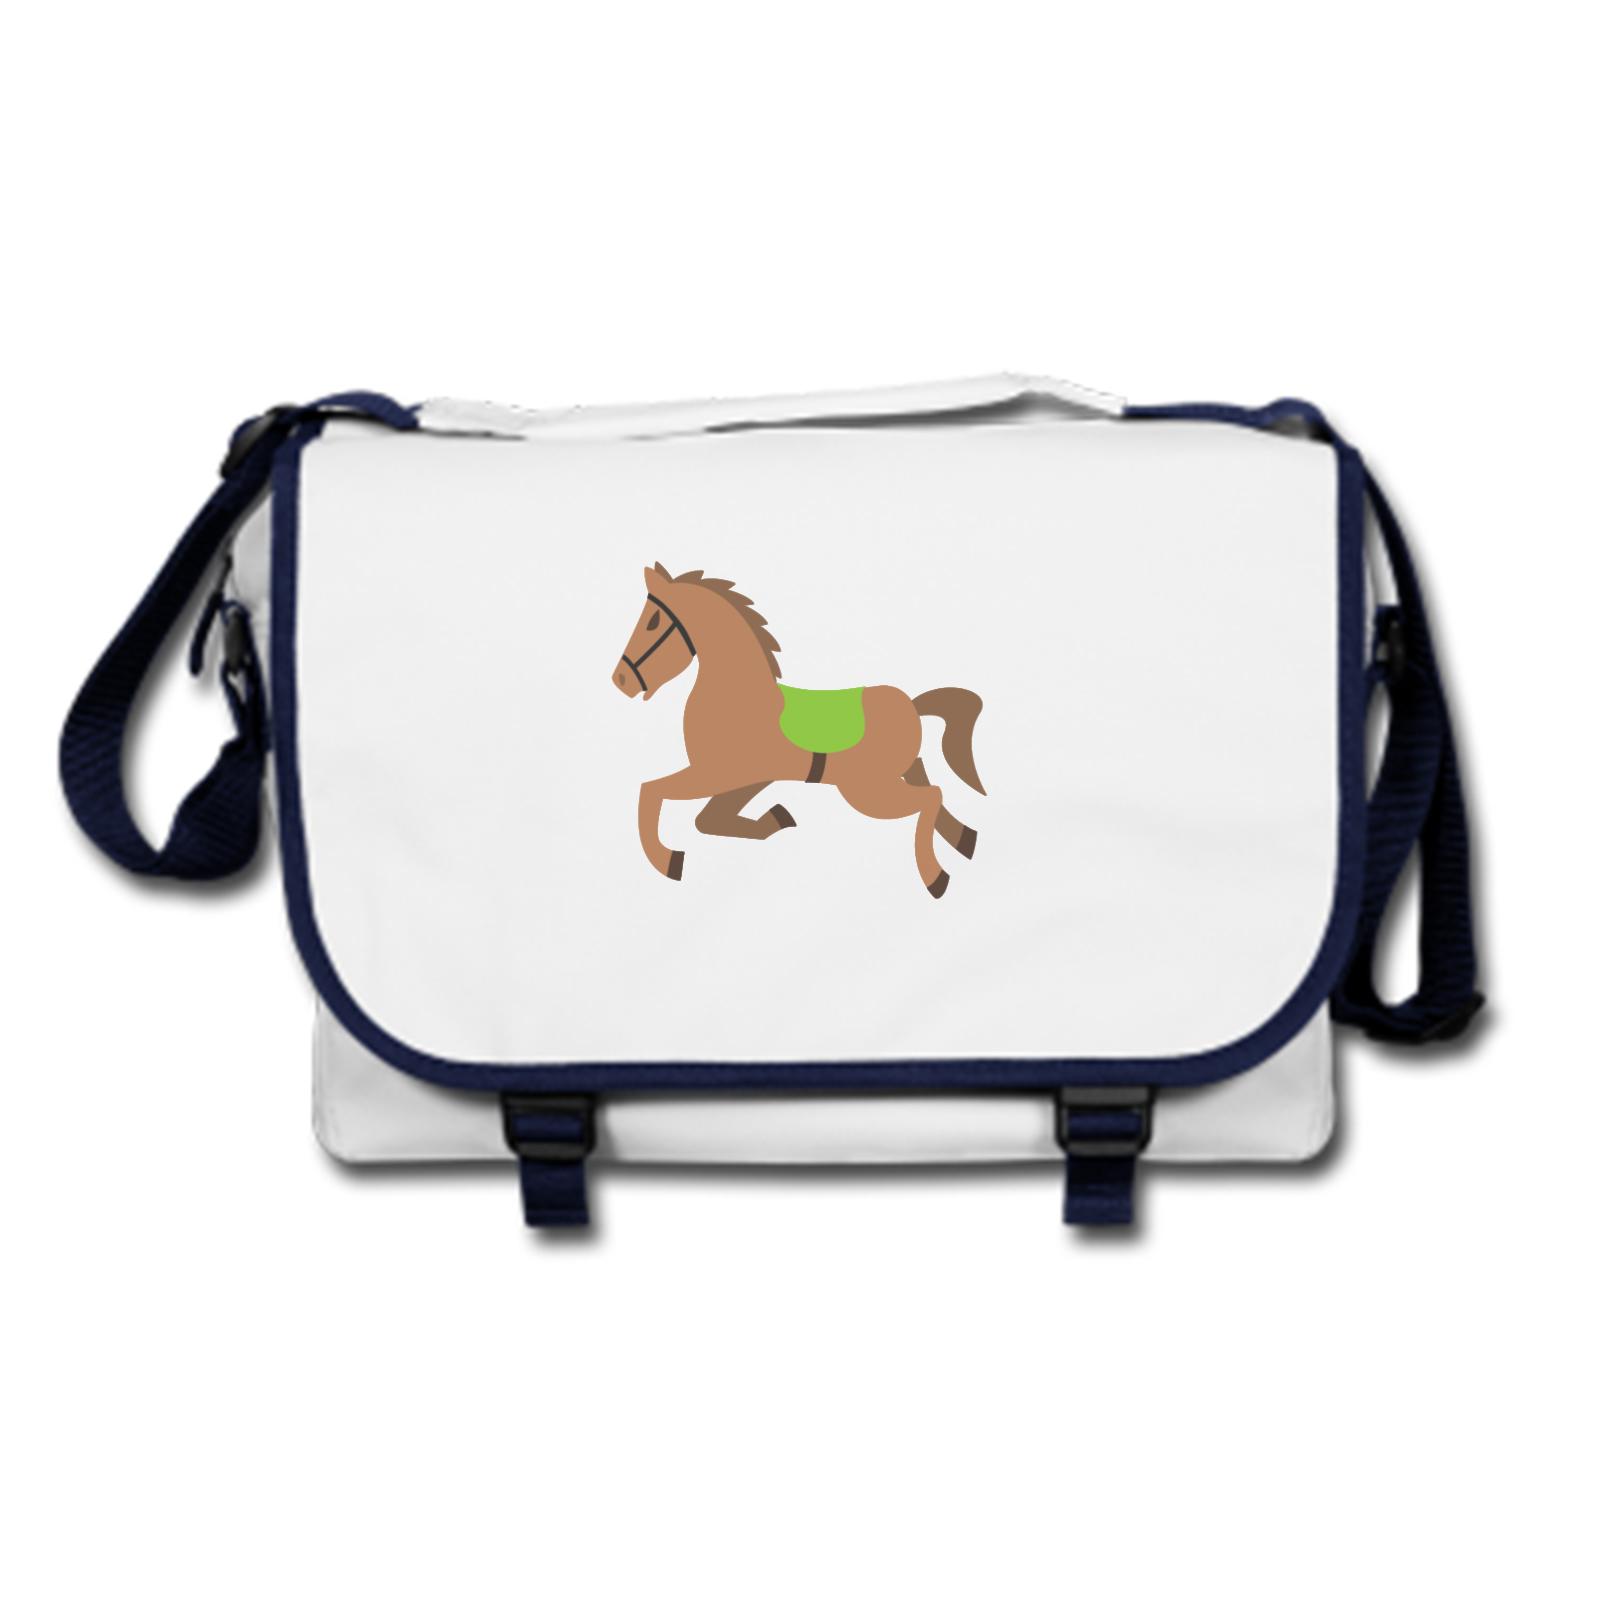 Picture Of Emoji Horse Messenger Bag